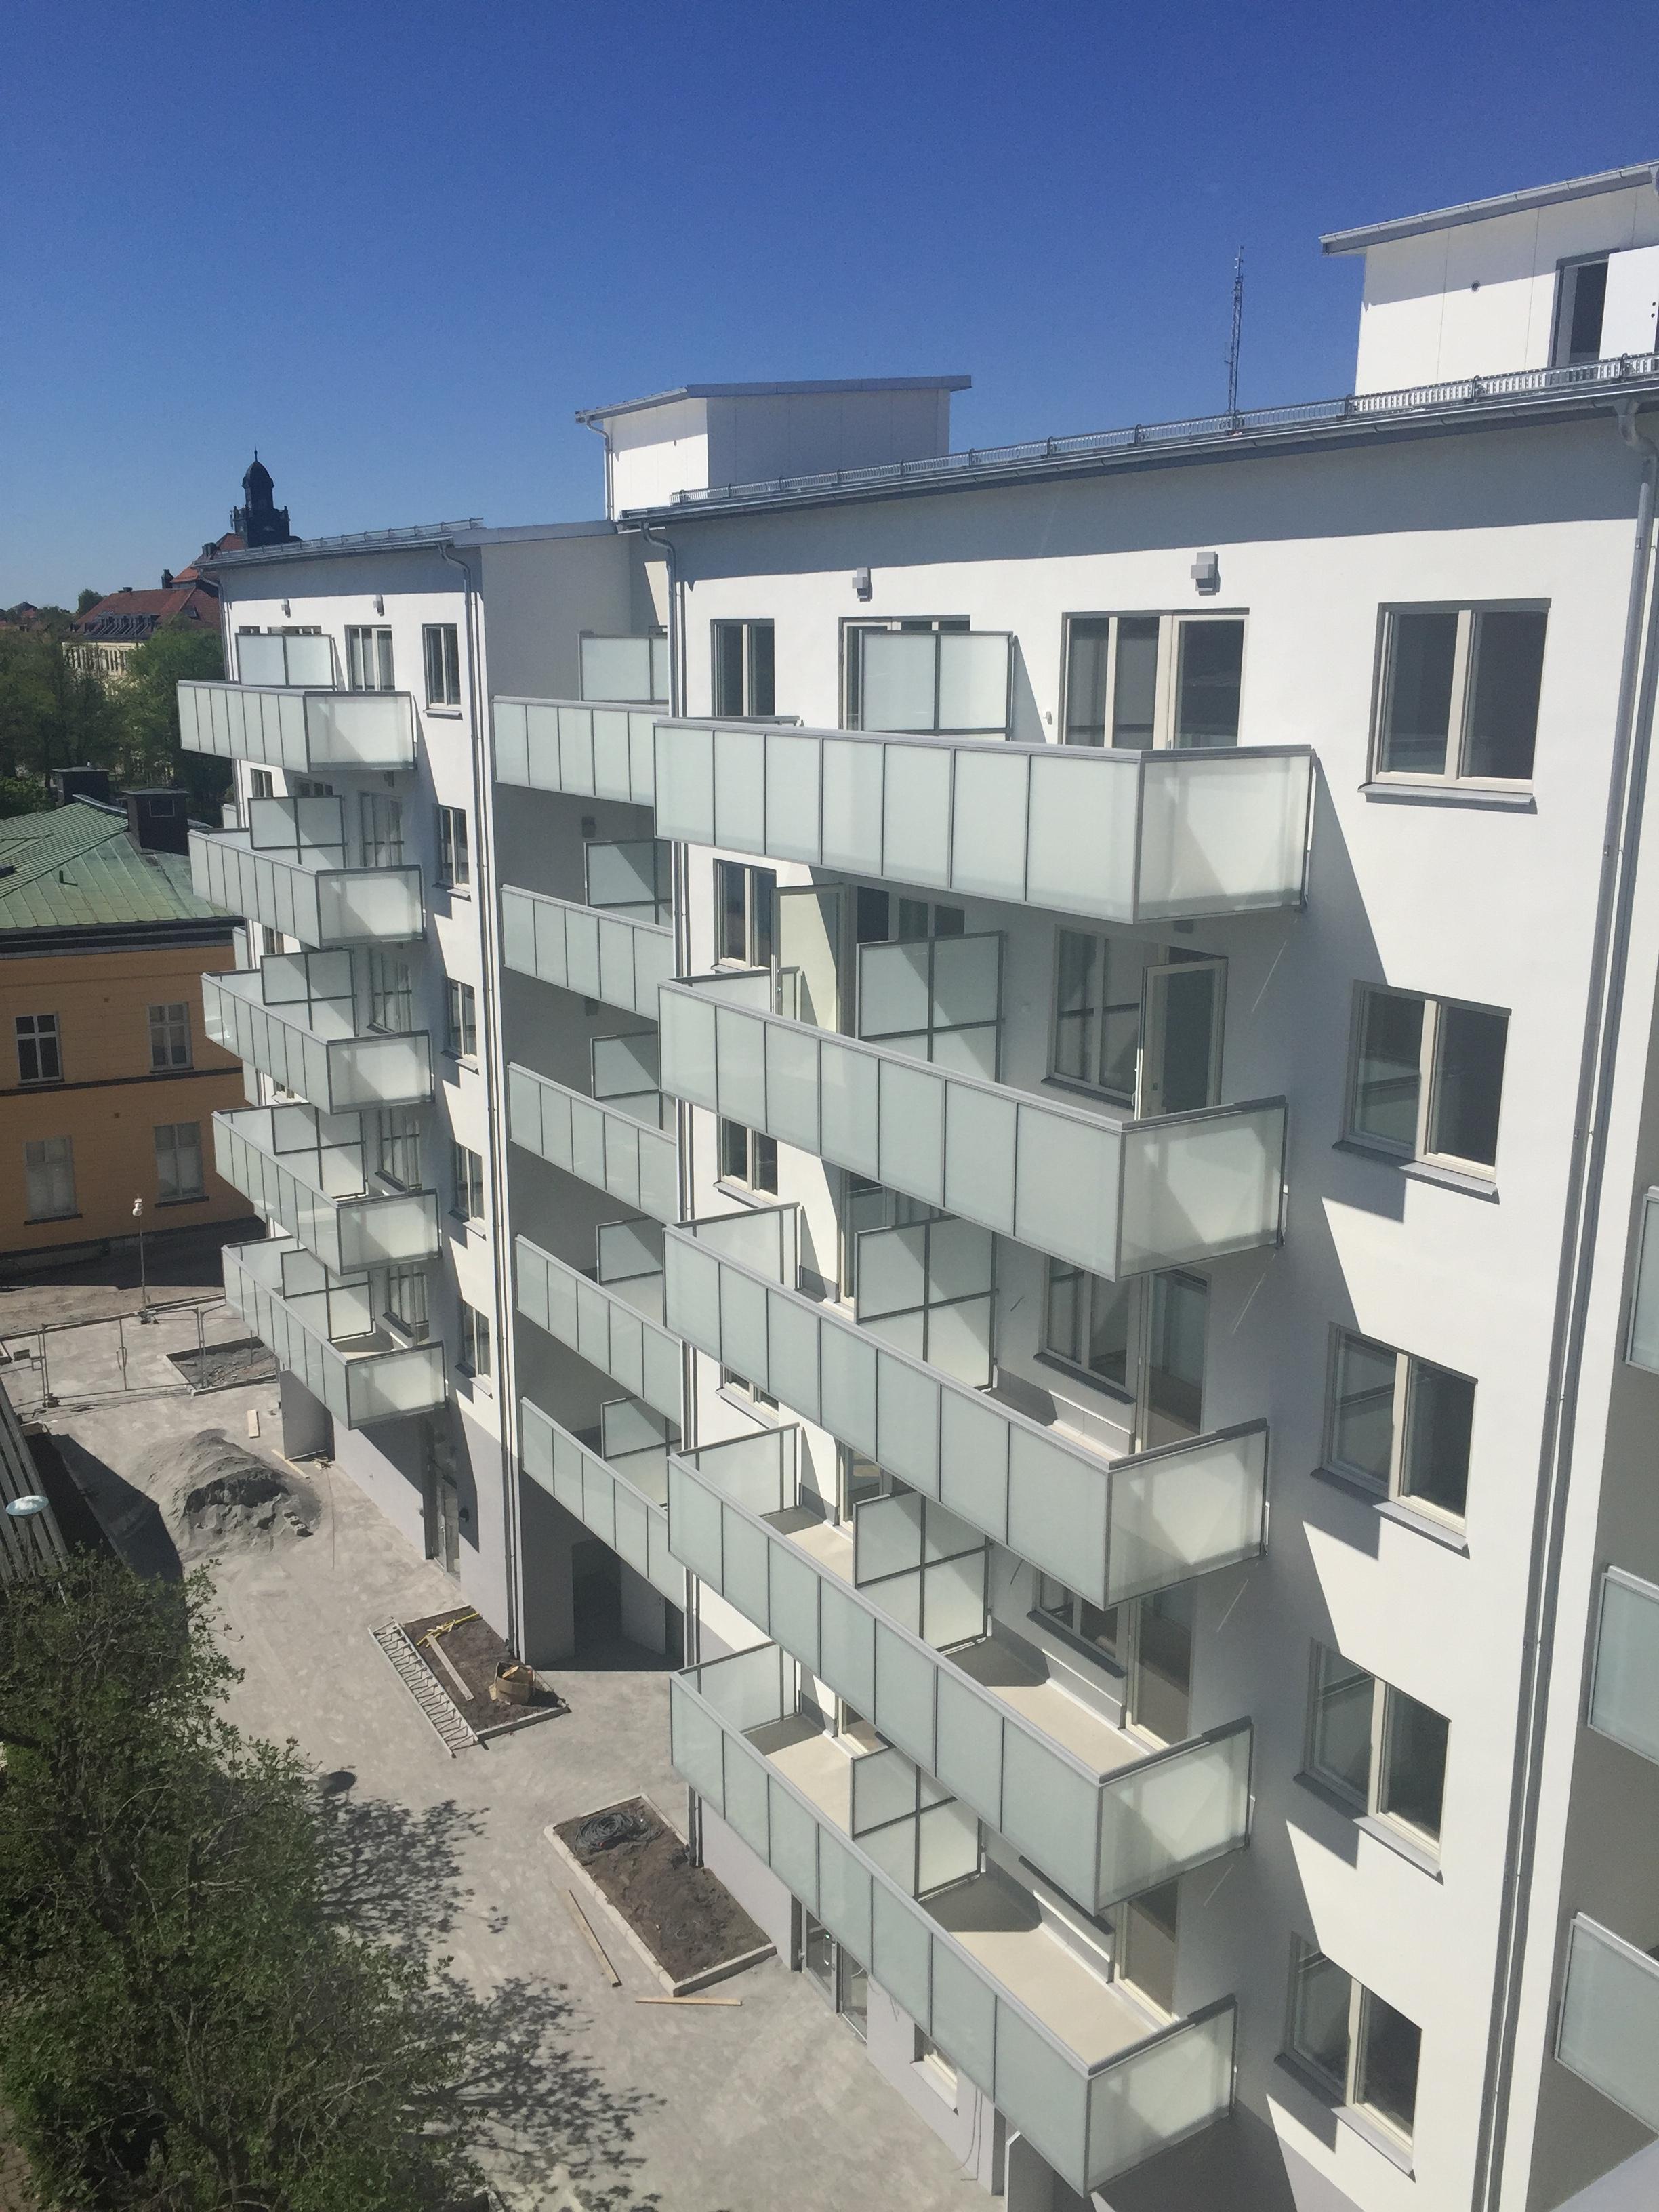 Rådhusbron, Eskilstuna